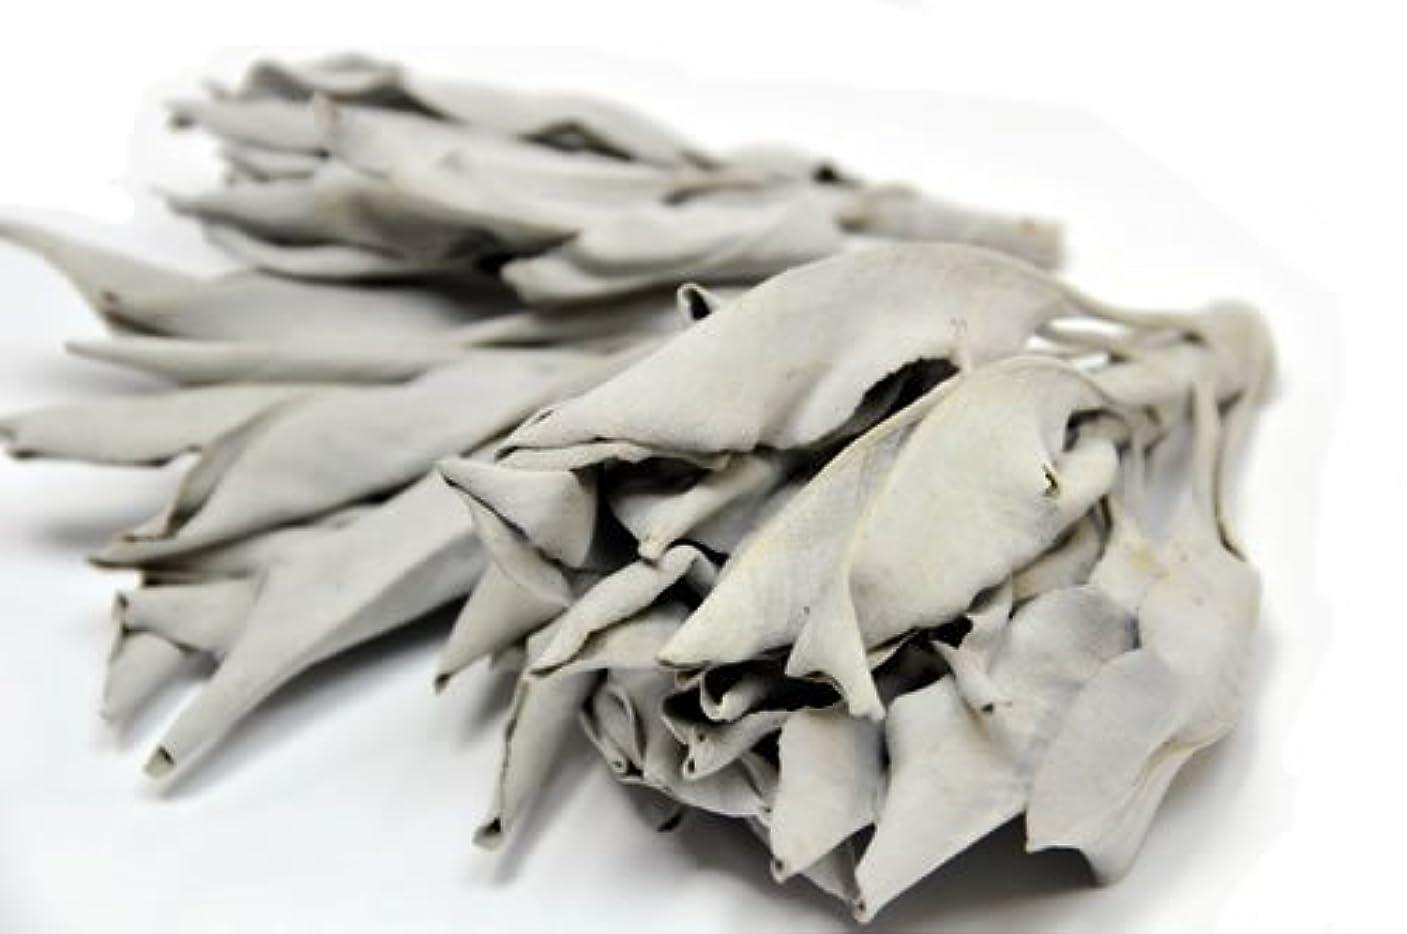 収容する前投薬あなたはハーブ工房HCC ホワイトセージ100g プロ用 浄化上質クラスター(葉+枝付) カリフォルニア産